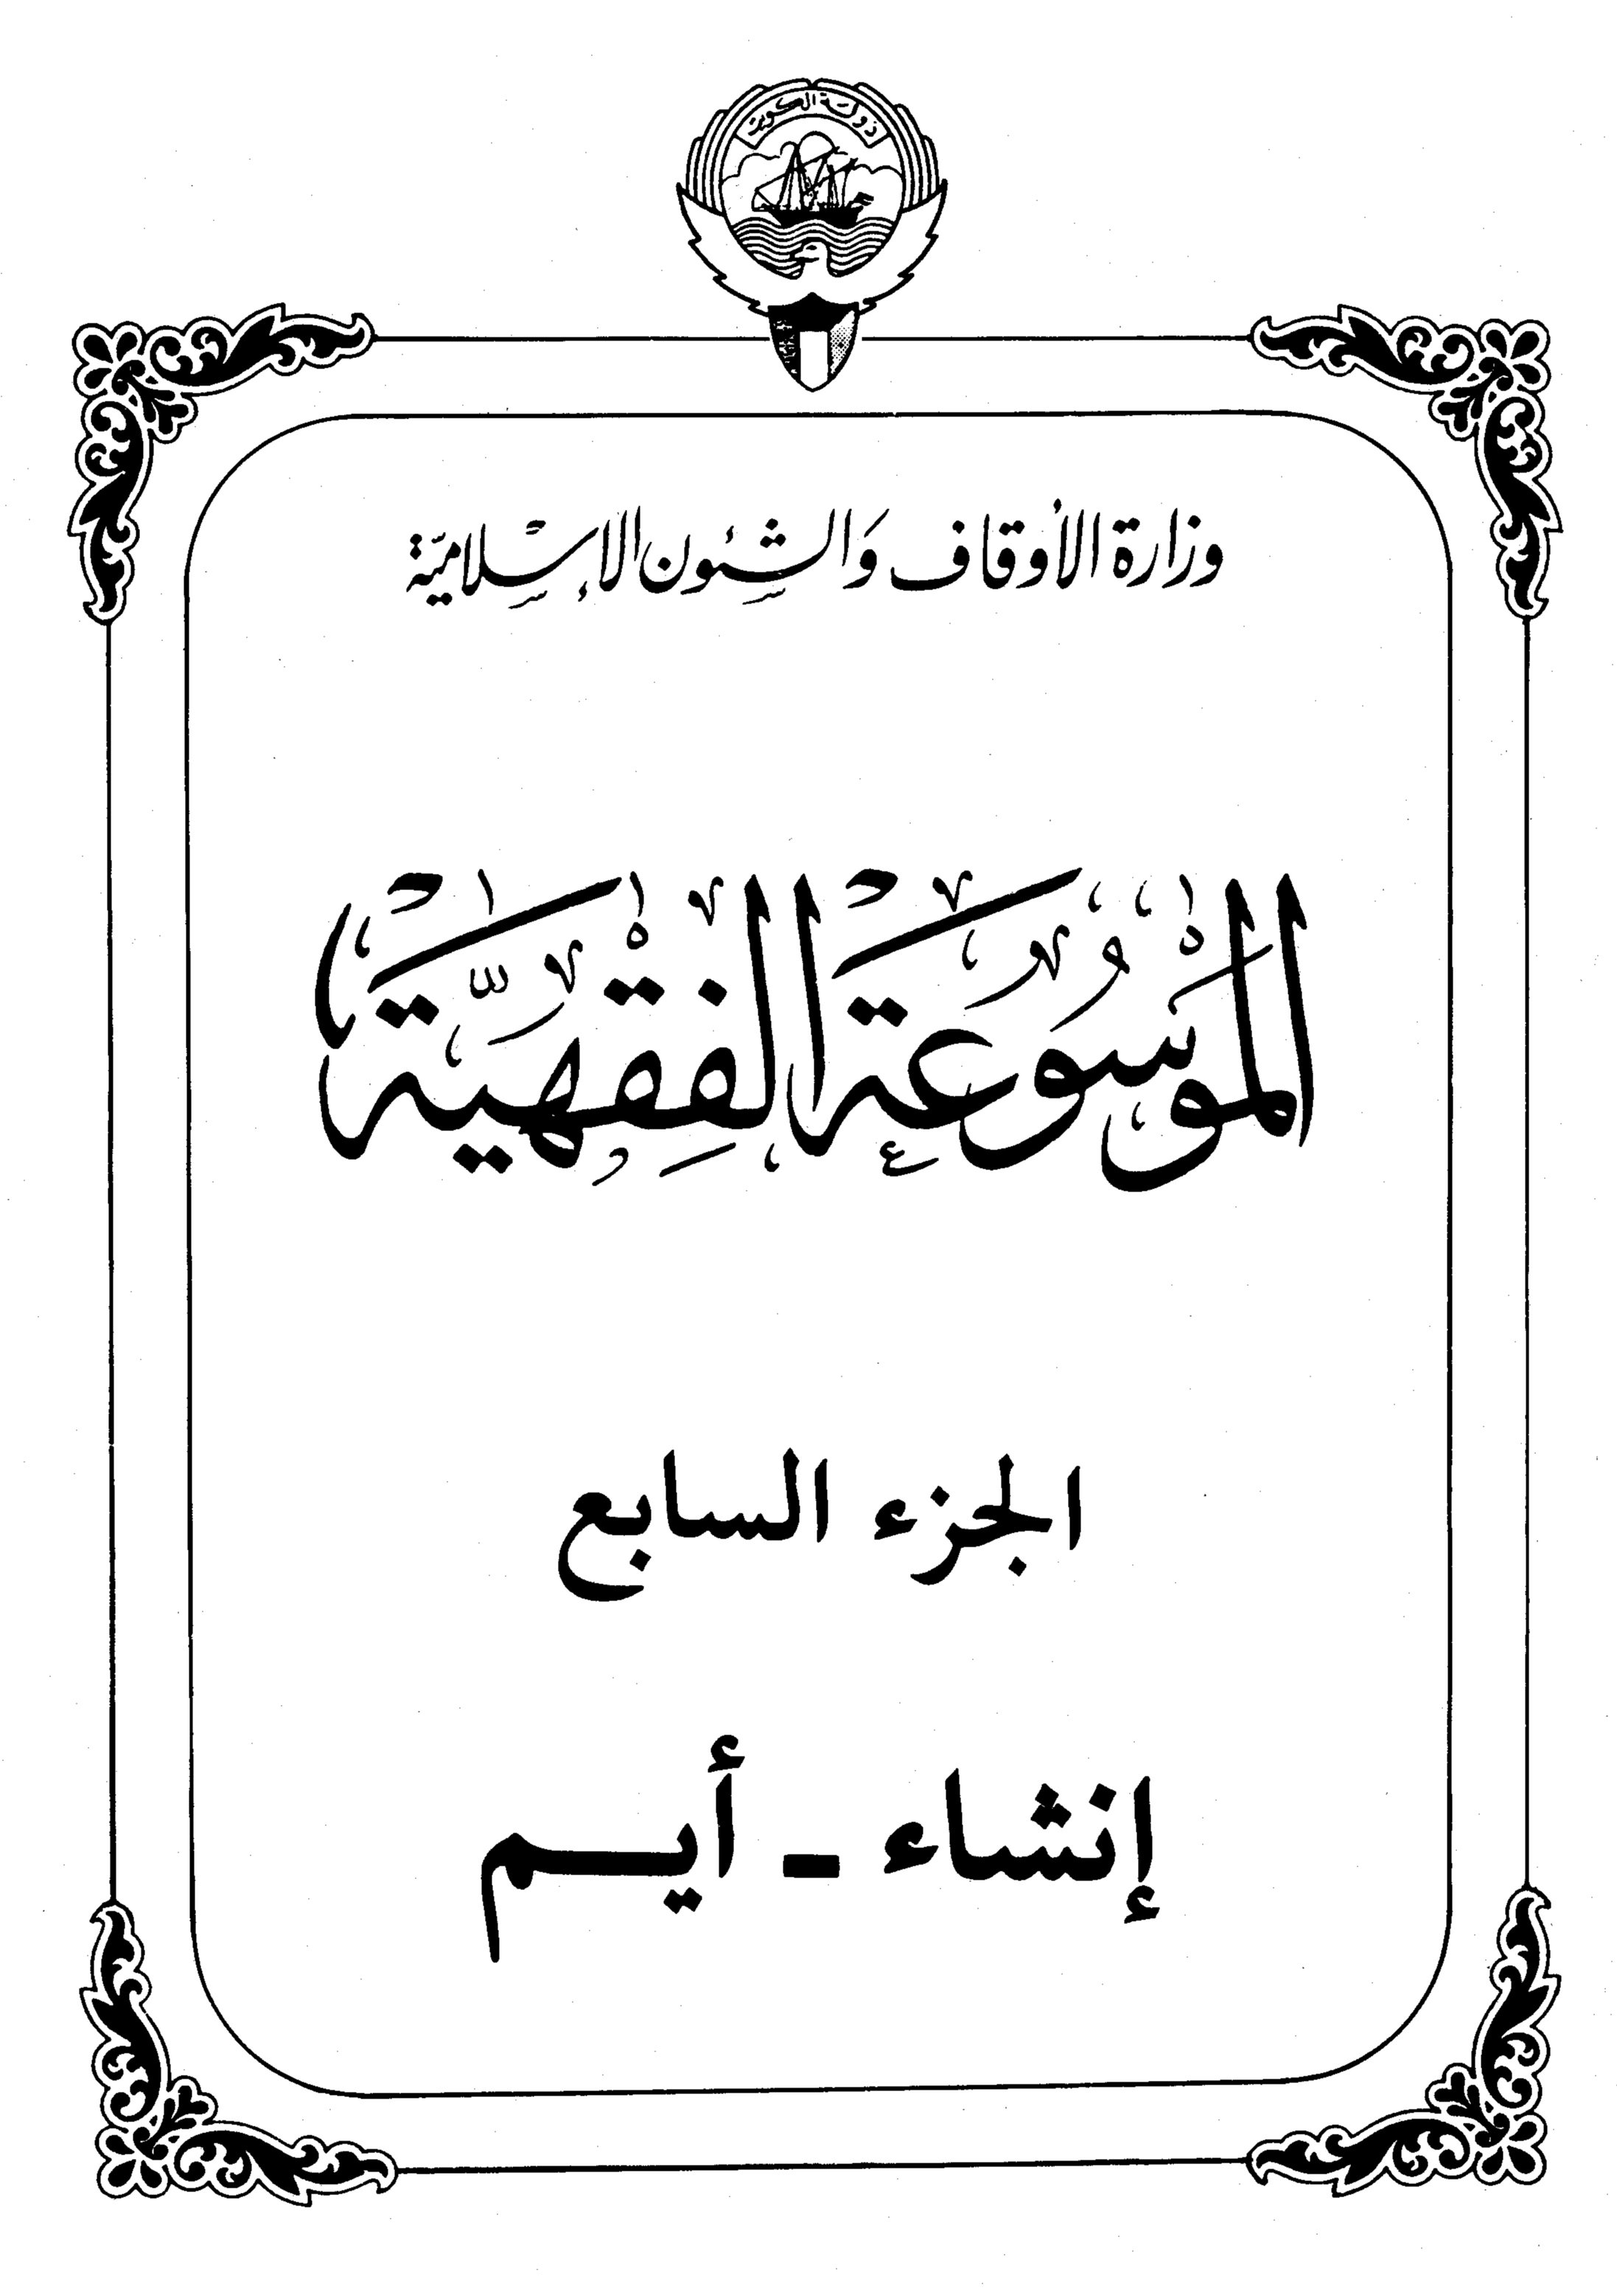 الموسوعة الفقهية الكويتية الجزء السابع (إنشاء - أيم)